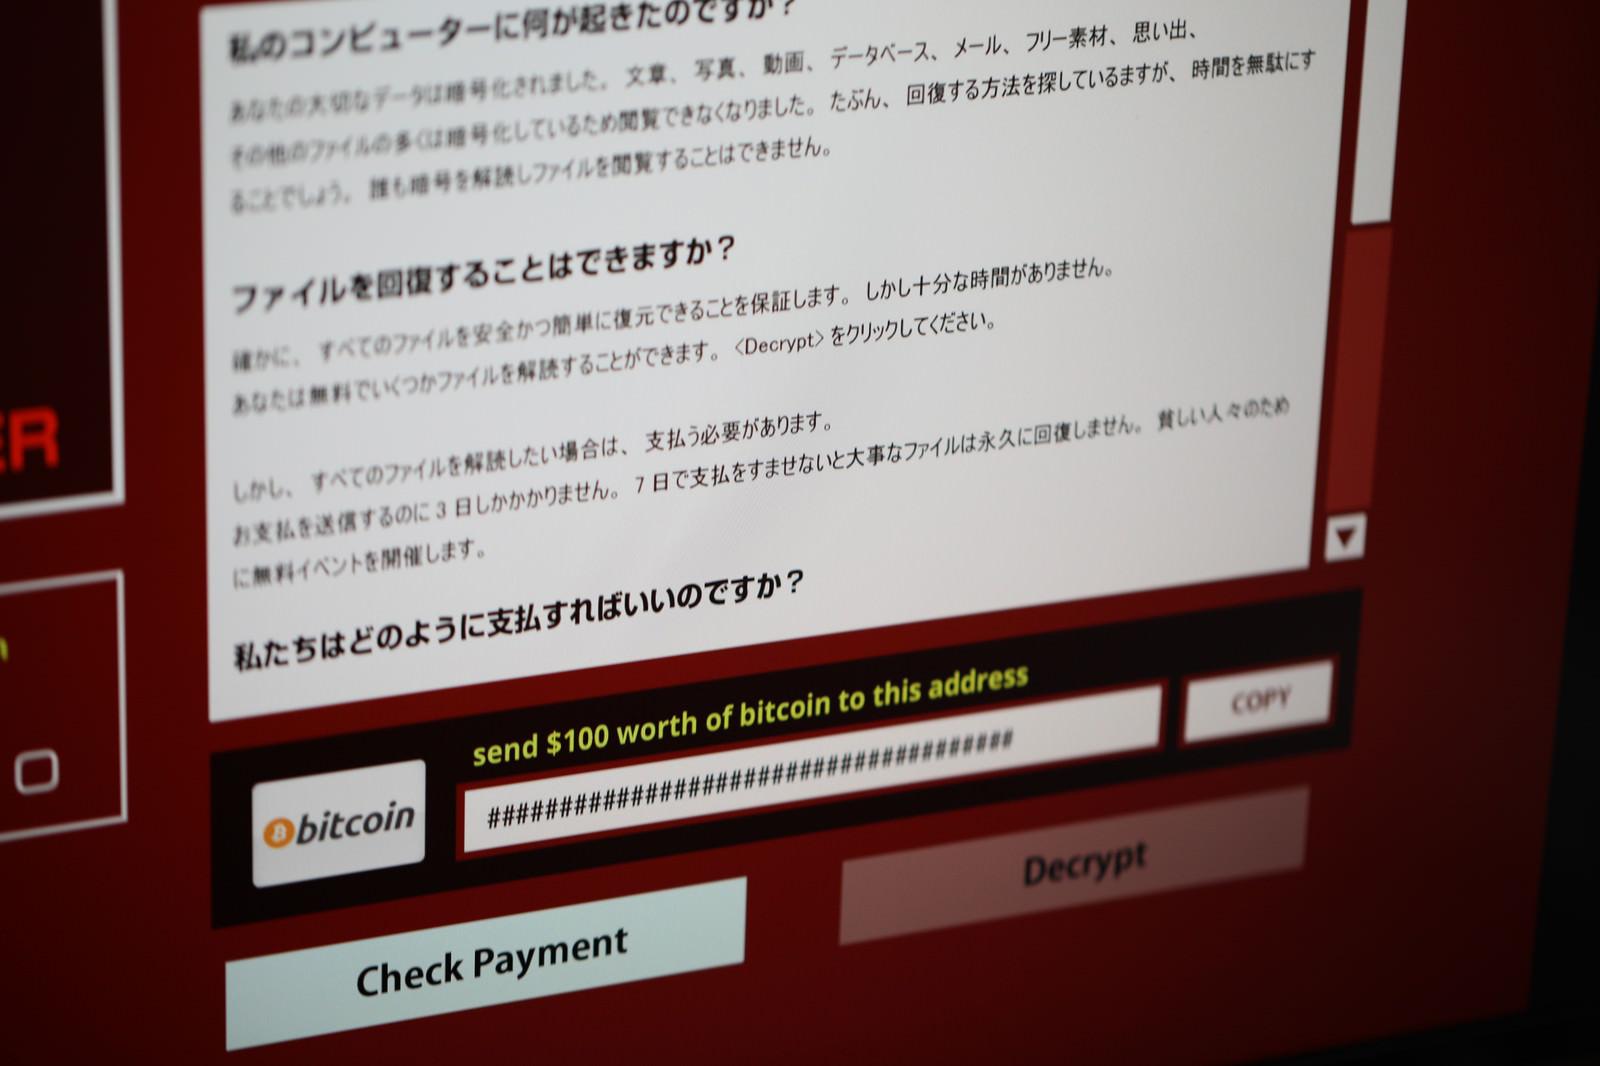 「日本語で暗号化解除を要求するランサムウェア(ウィルス)」の写真